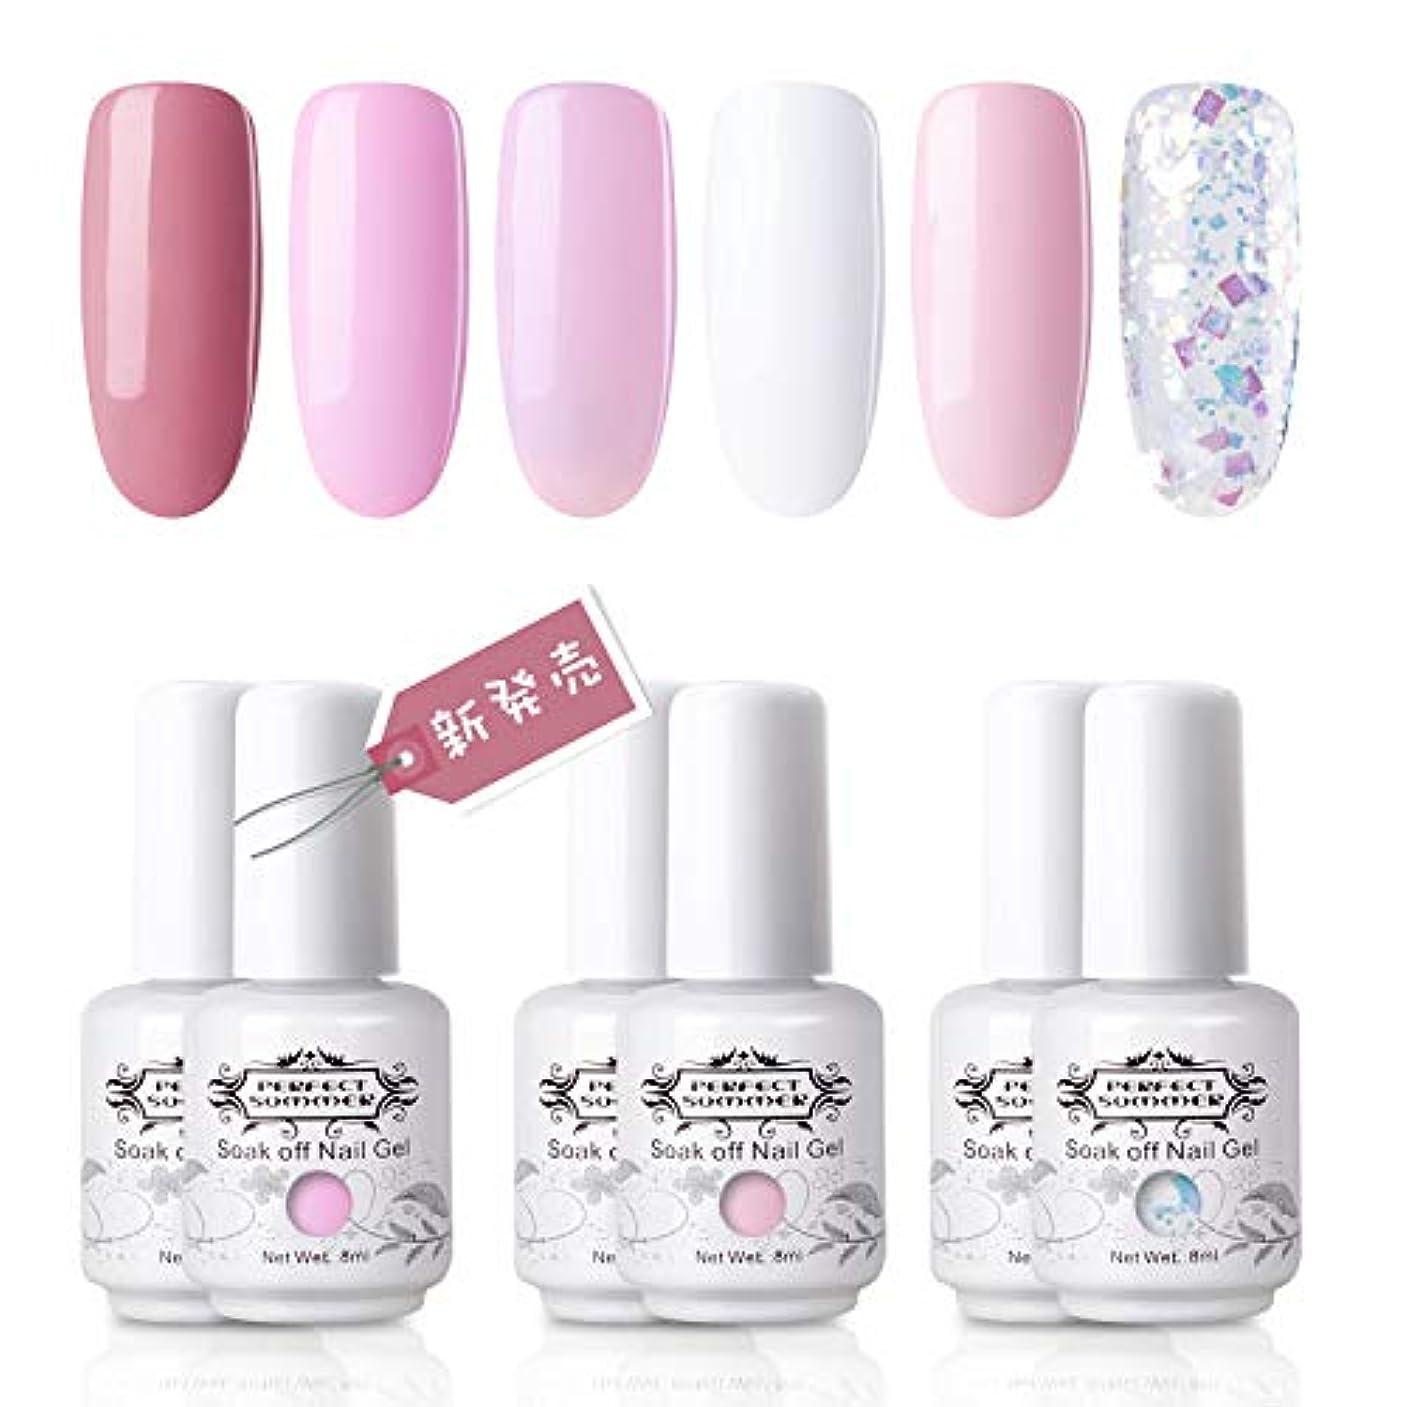 船外旅行ネーピア[Perfect Summer] ジェルネイル カラージェル 6色セット ポリッシュタイプ 新発売 UV/LED対応 ピンク ラメ